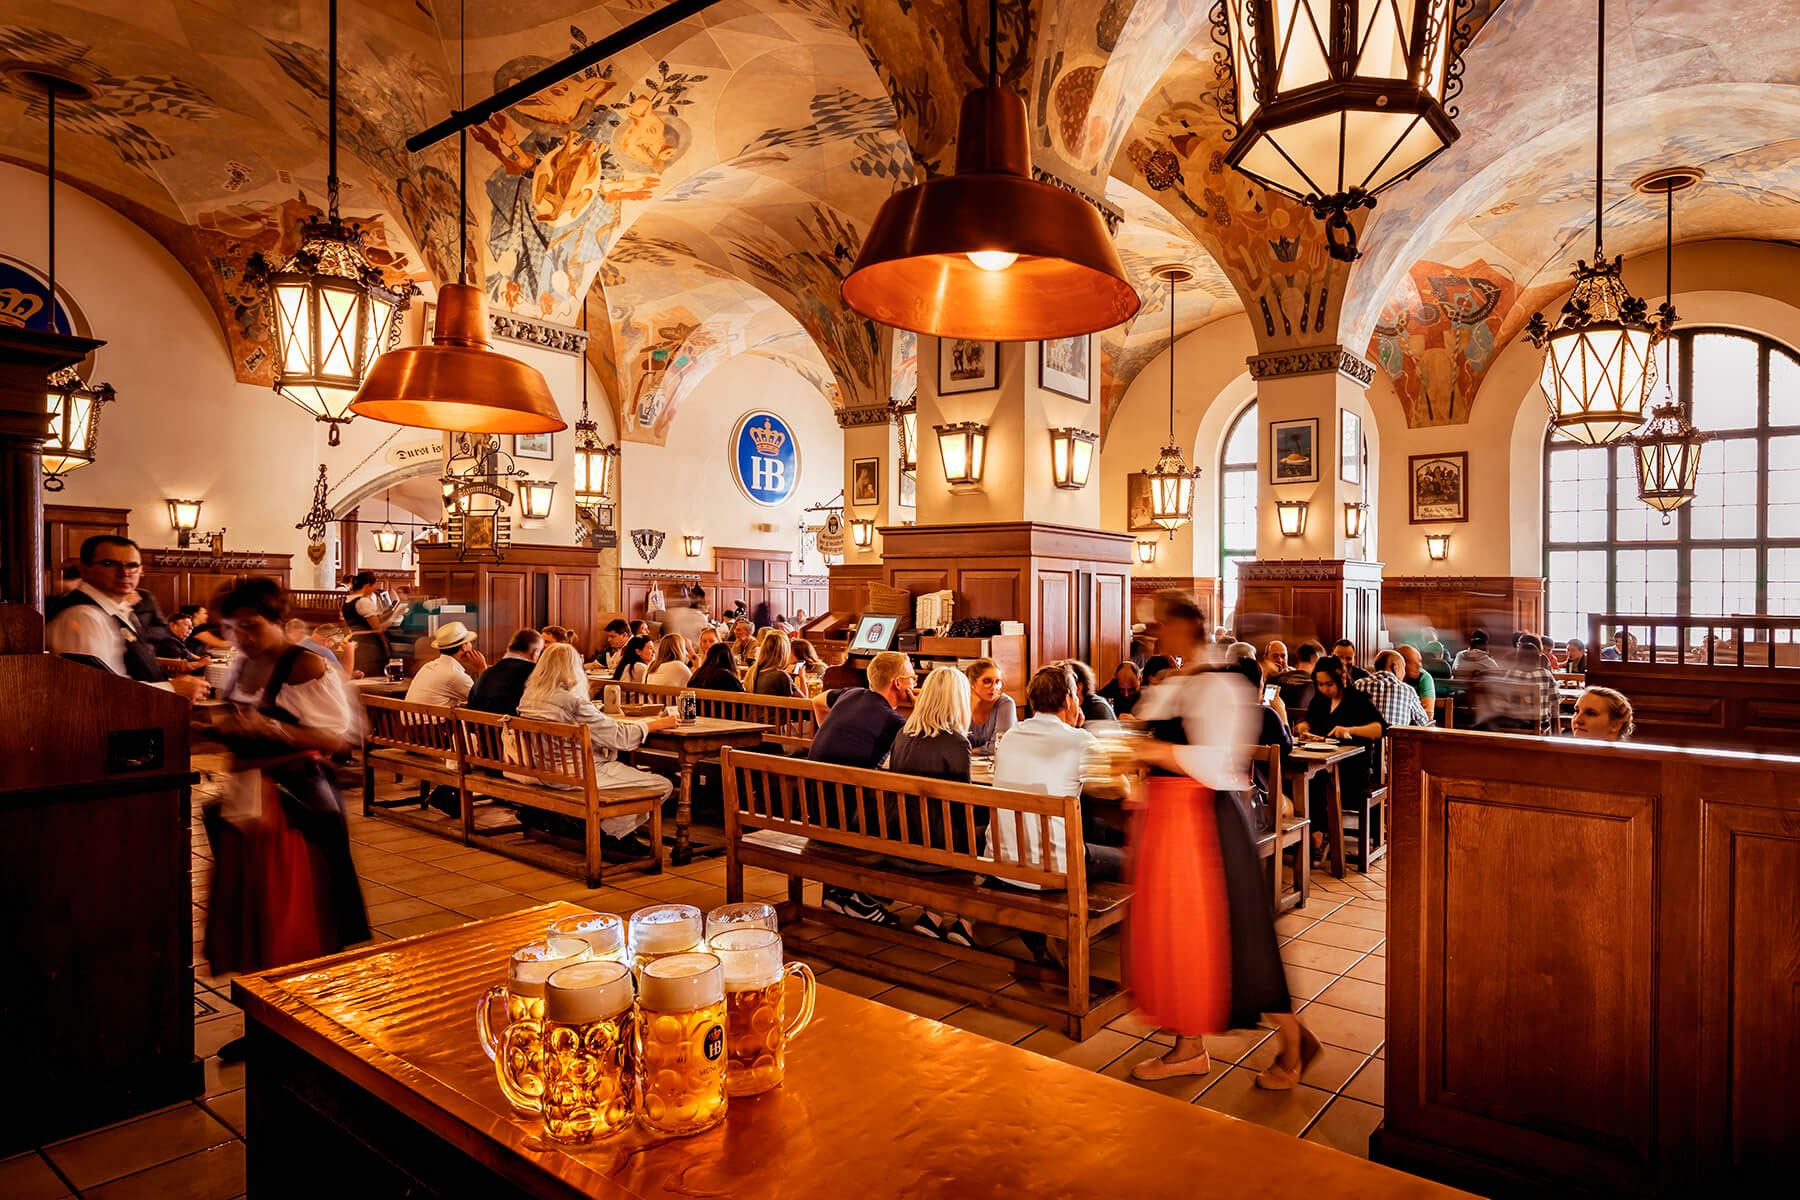 Hofbrauhaus_am_Platzl_-_Best_Beer_Hall_in_Germany